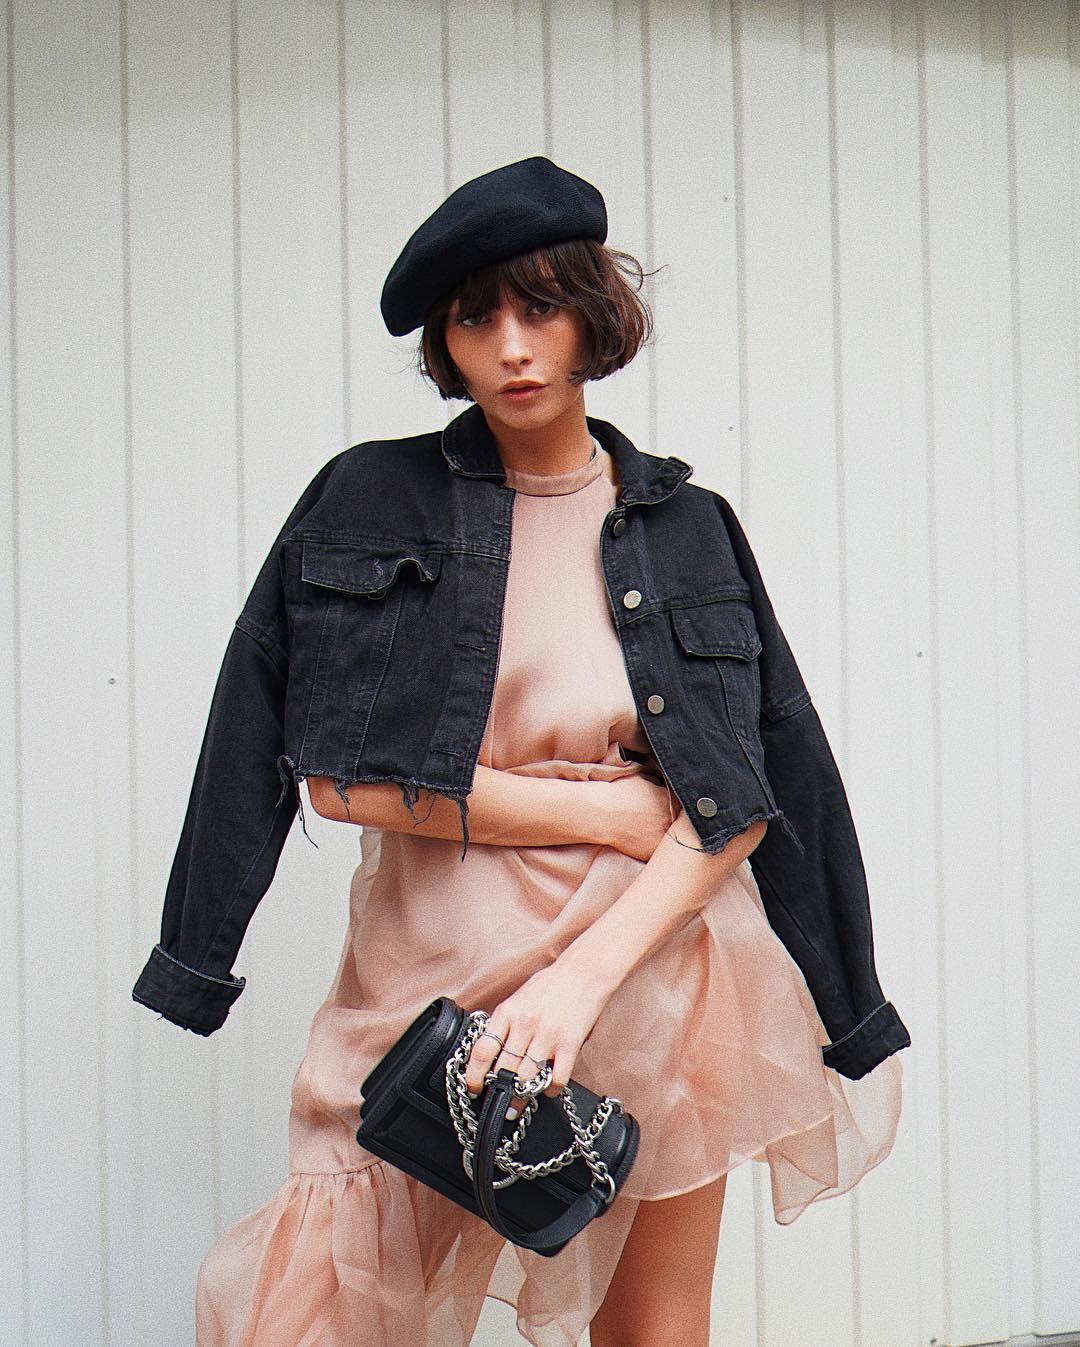 taylor lashae mặc váy và áo khoác denim phong cách parisian chic